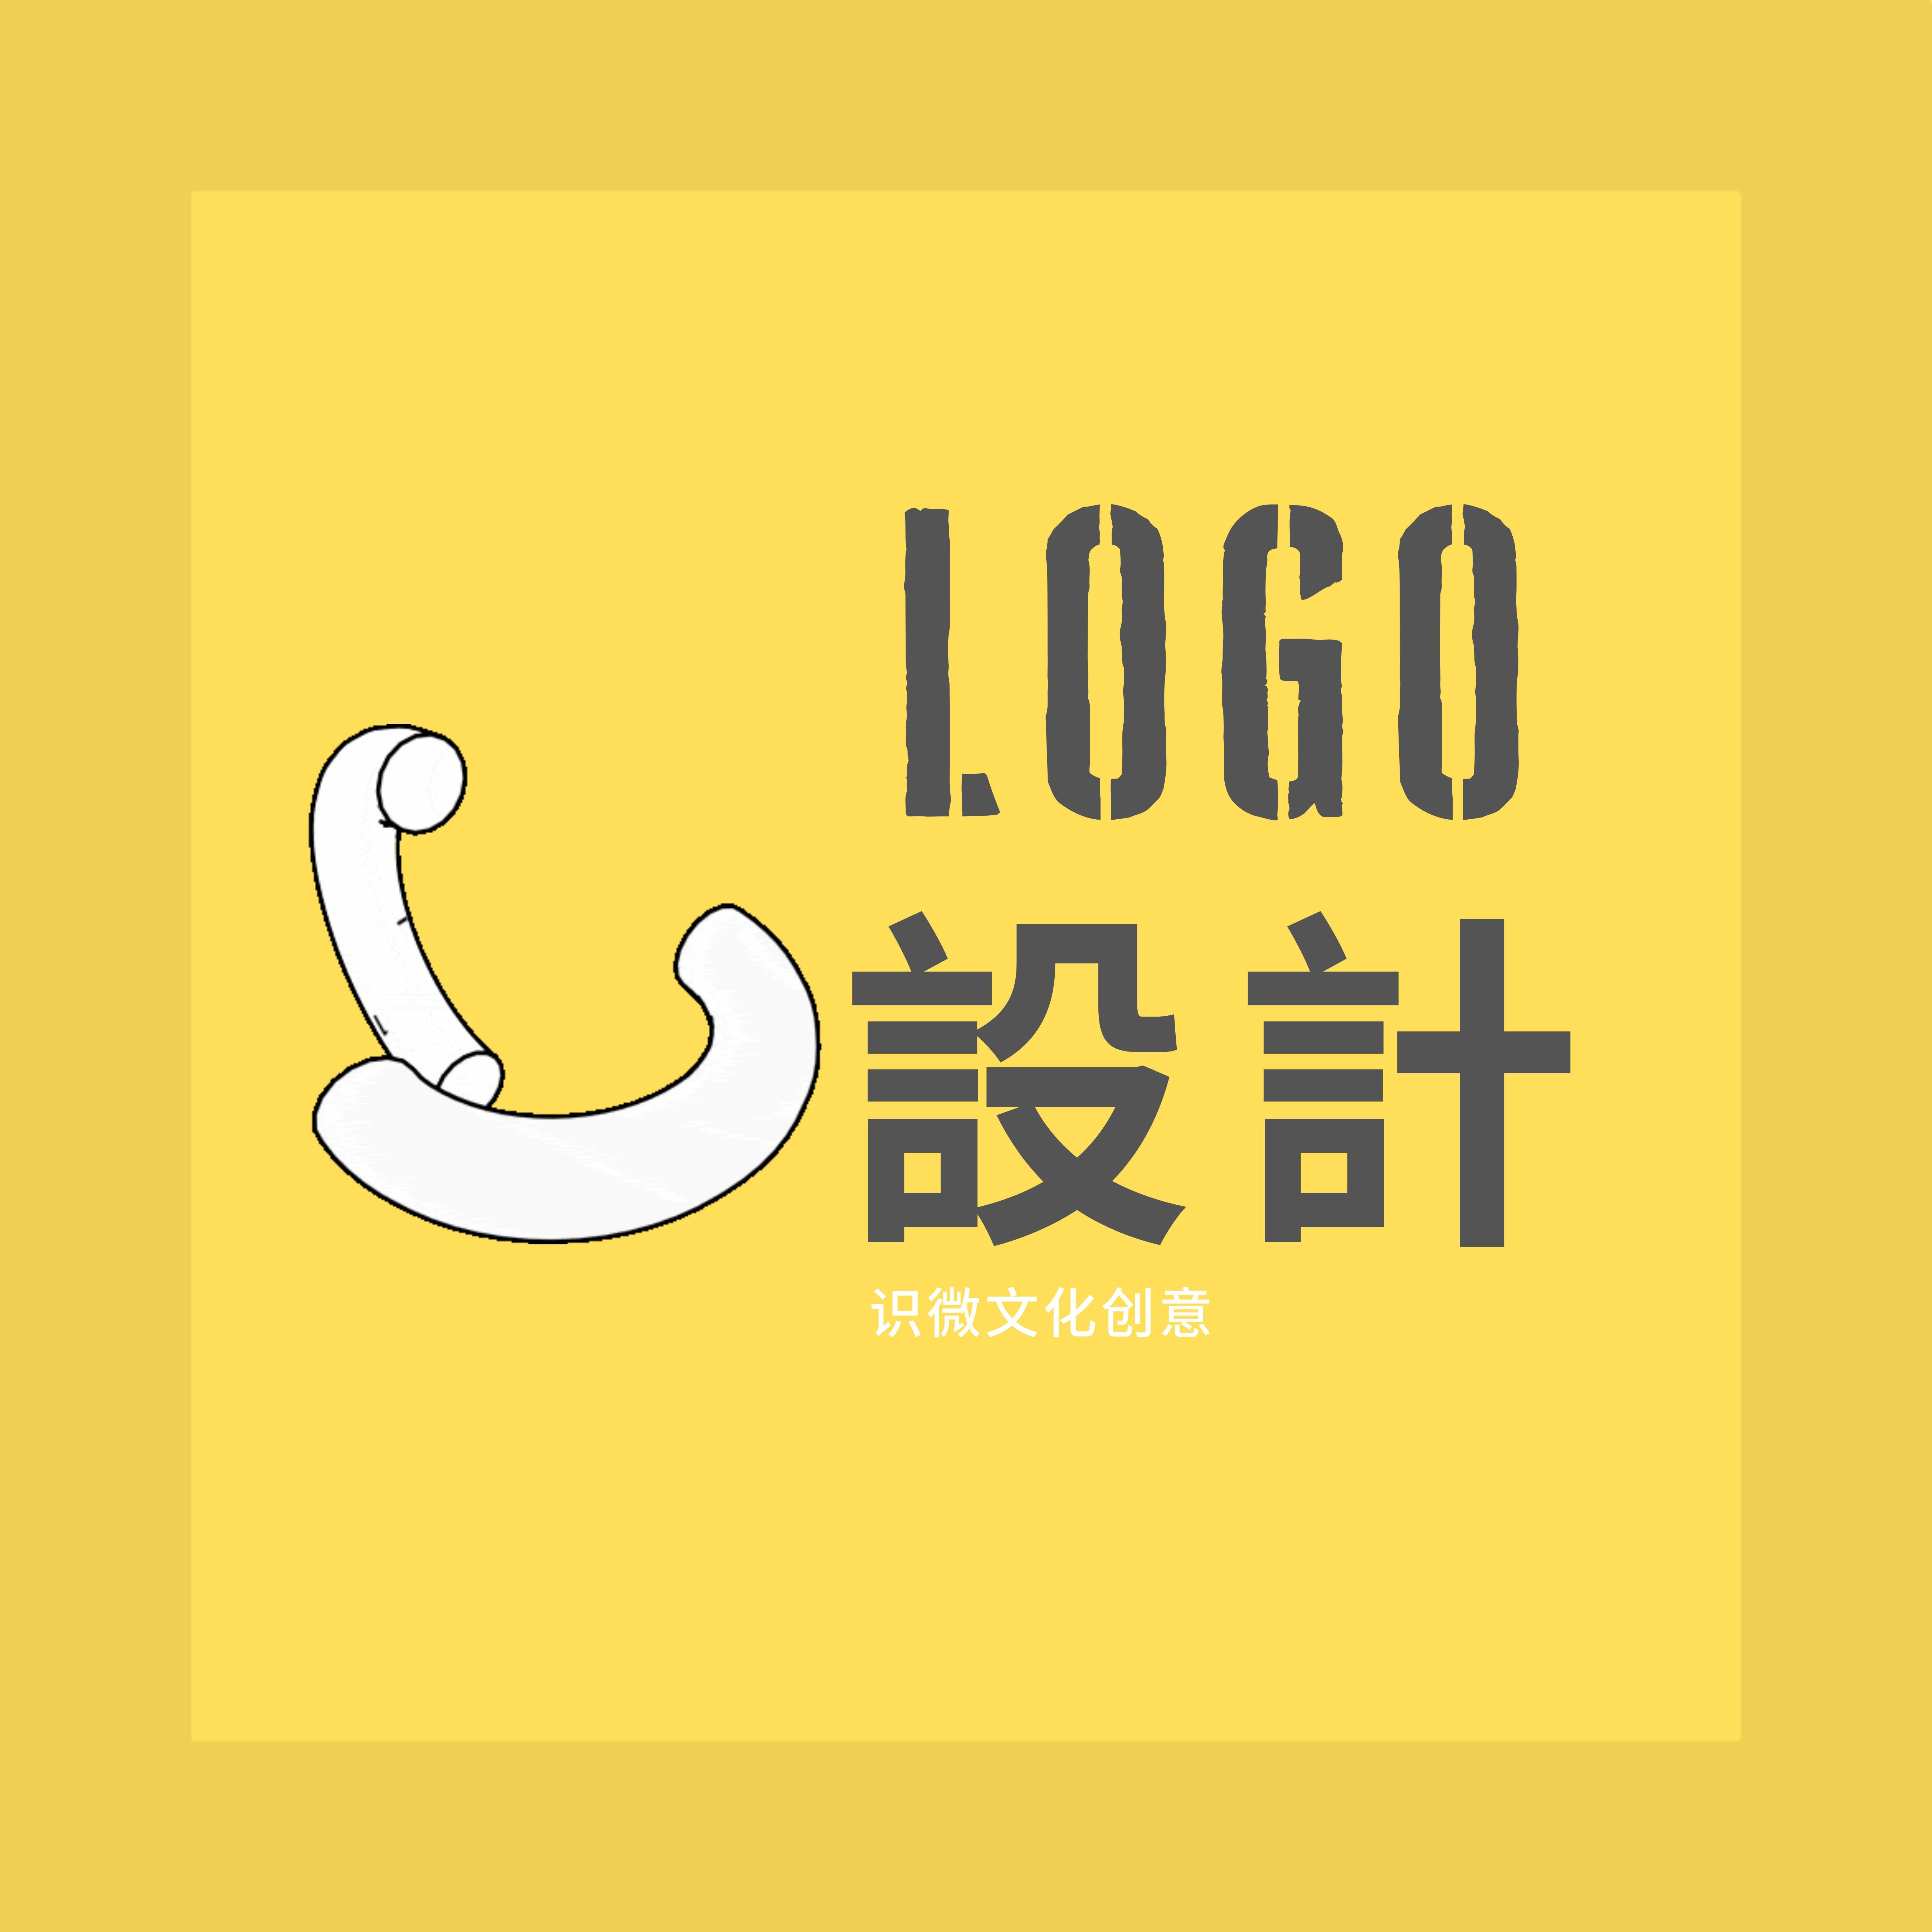 商标设计/LOGO设计/公司标志/品牌图标设计/教育LOGO